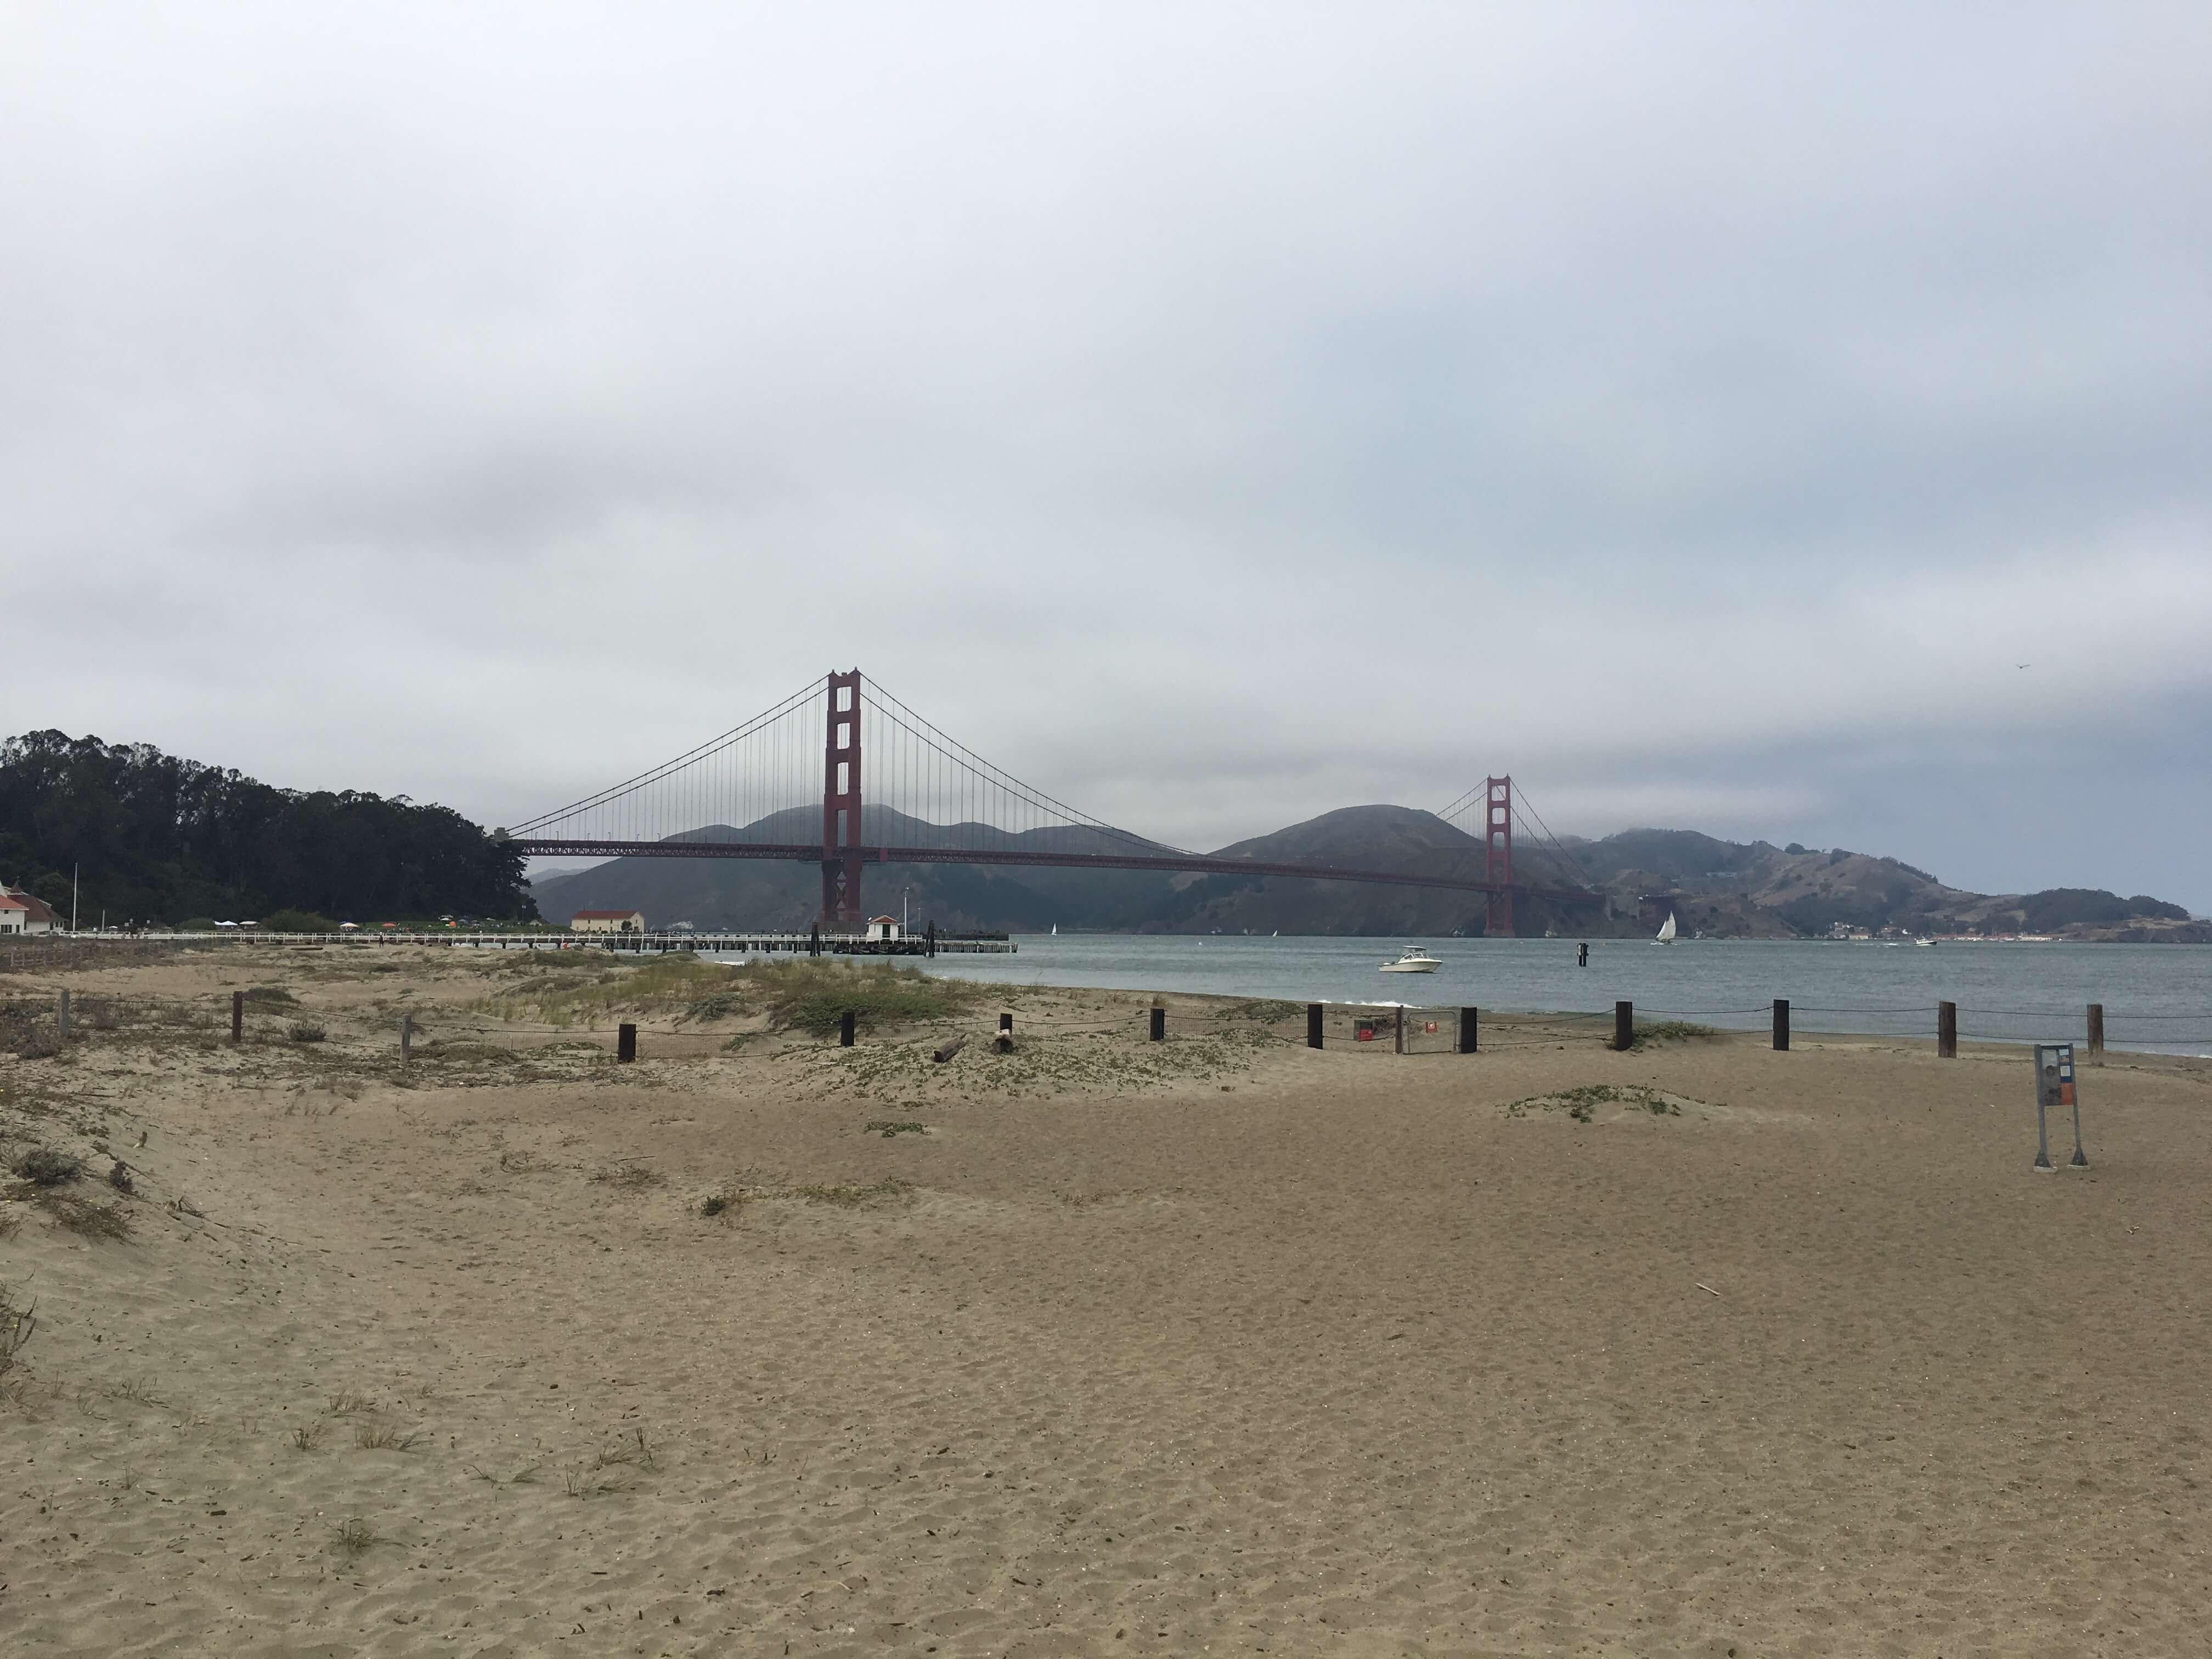 Crissy Field: San Francisco'da okyanus kıyısında keyifli bir gün geçirin